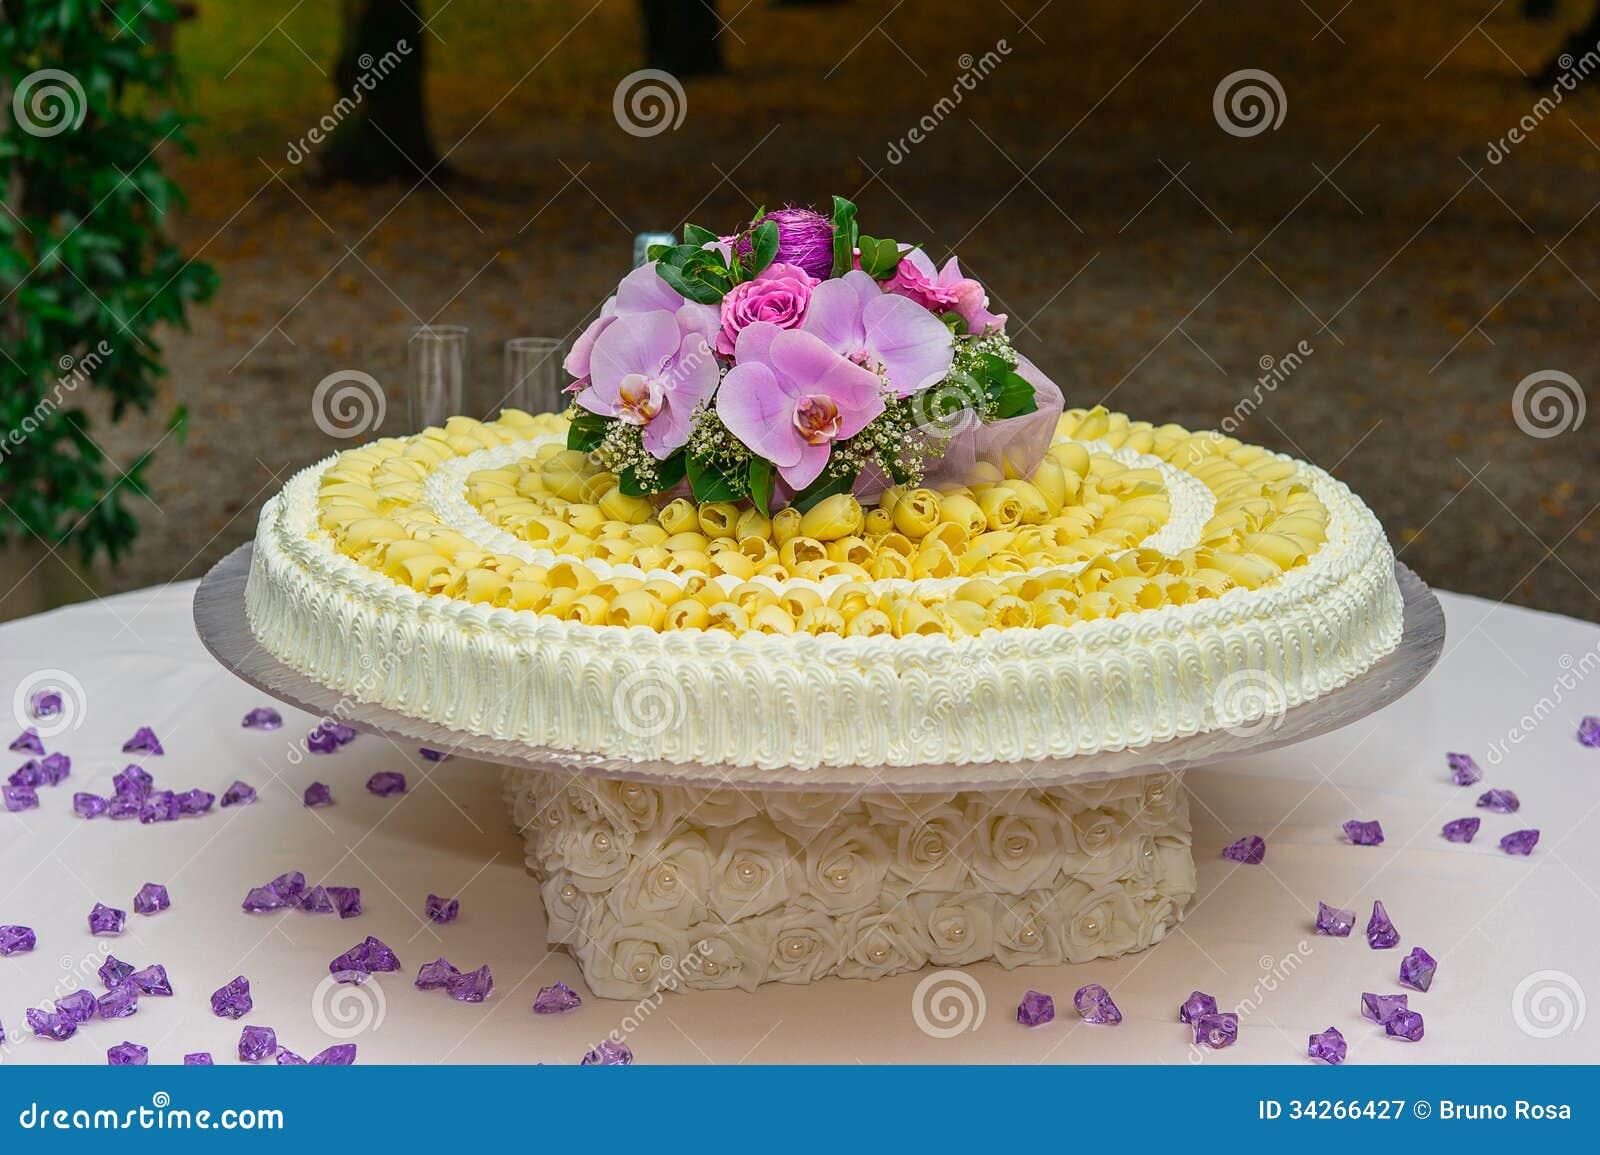 Gâteau De Mariage Blanc Sur Le Fond Vert Photographie stock libre de ...